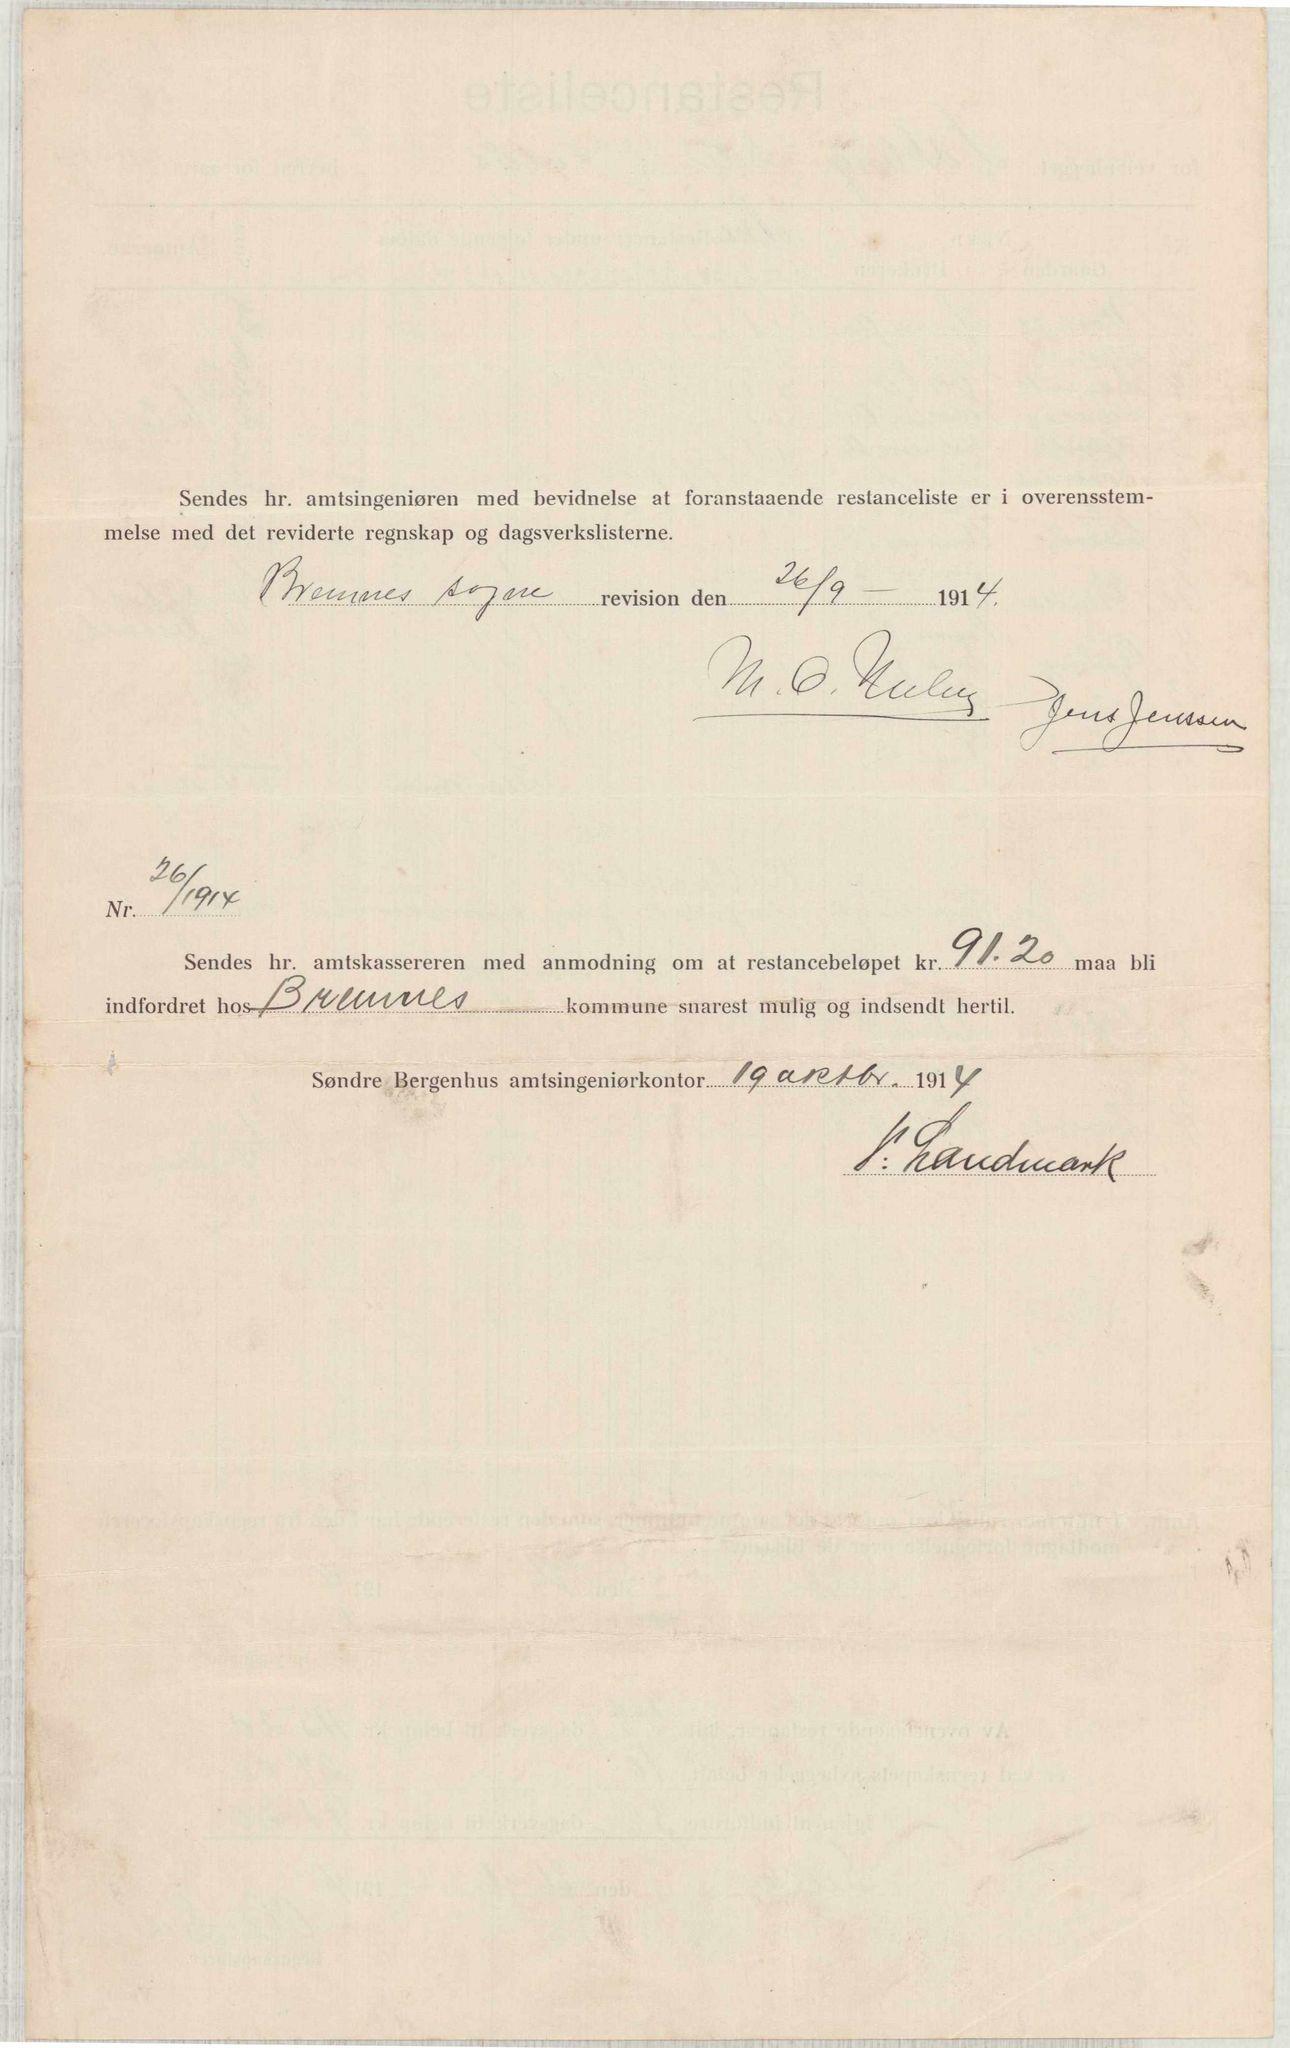 IKAH, Finnaas kommune. Formannskapet, E/Ea/L0001: Rekneskap for veganlegg, 1913-1916, p. 2